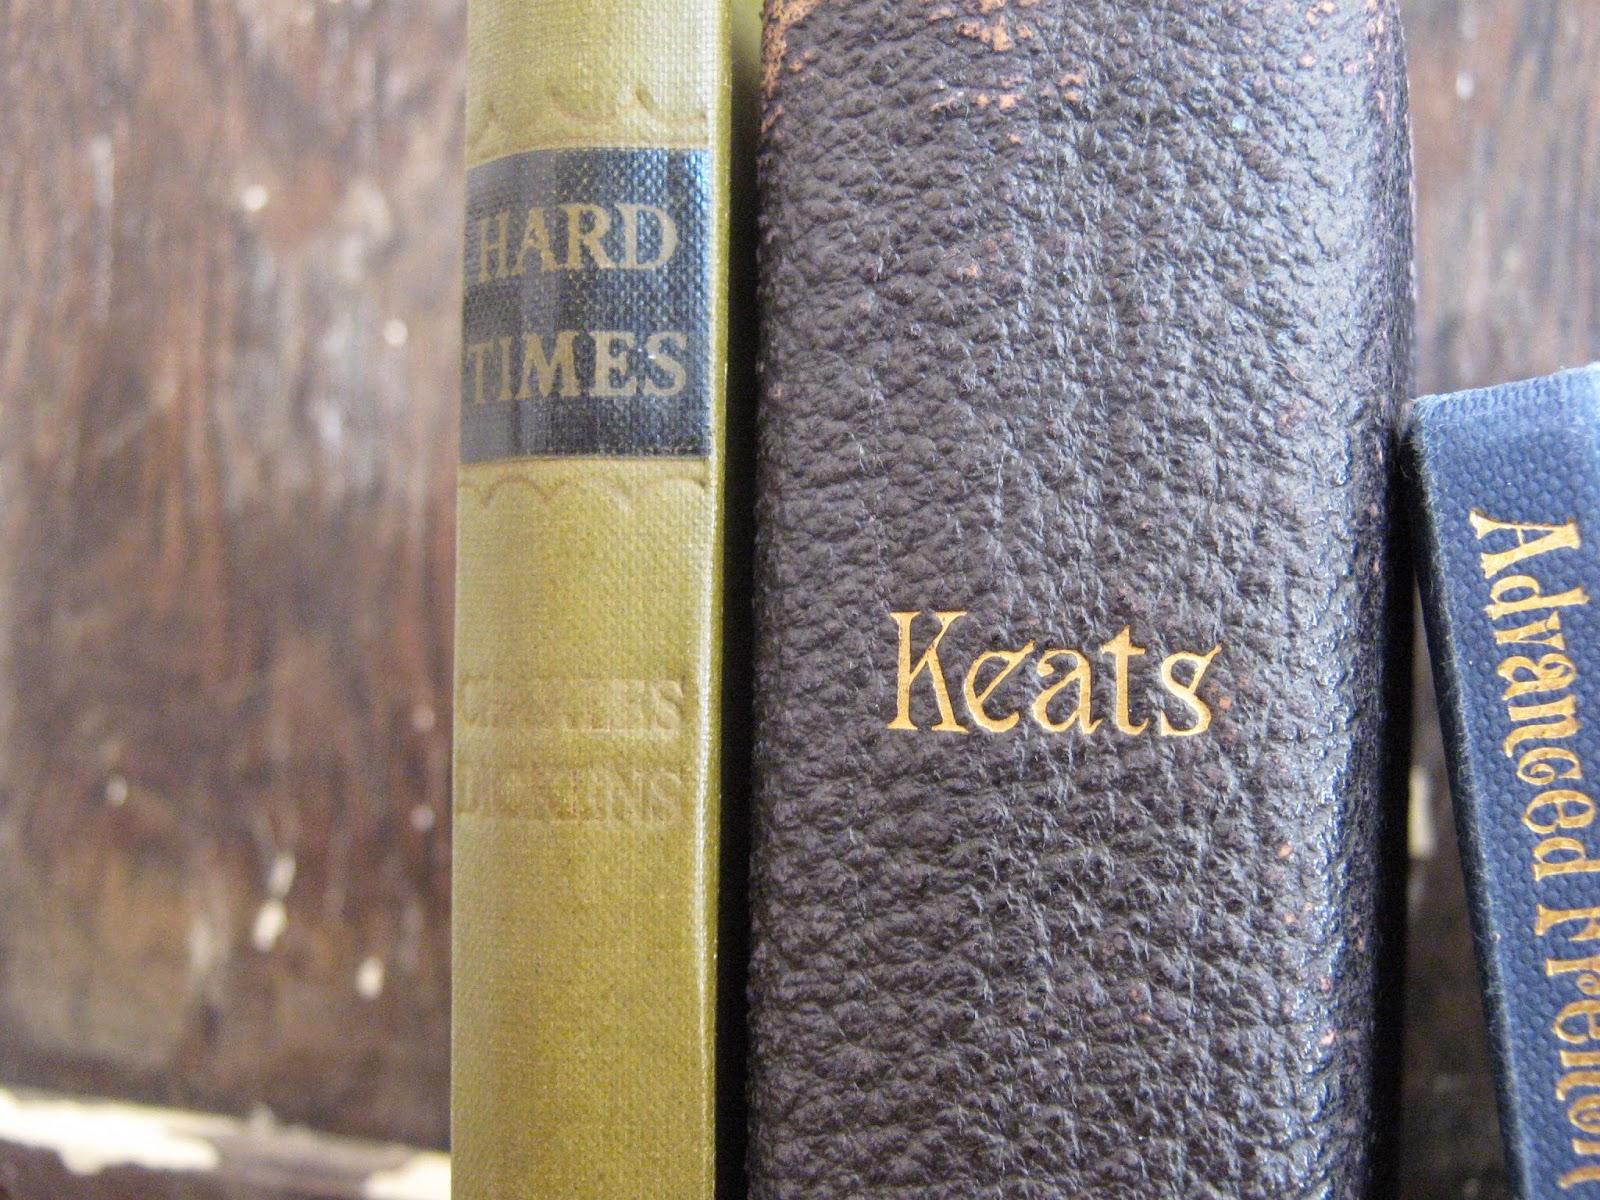 Hard Times Charles Dickens Keats Poetry